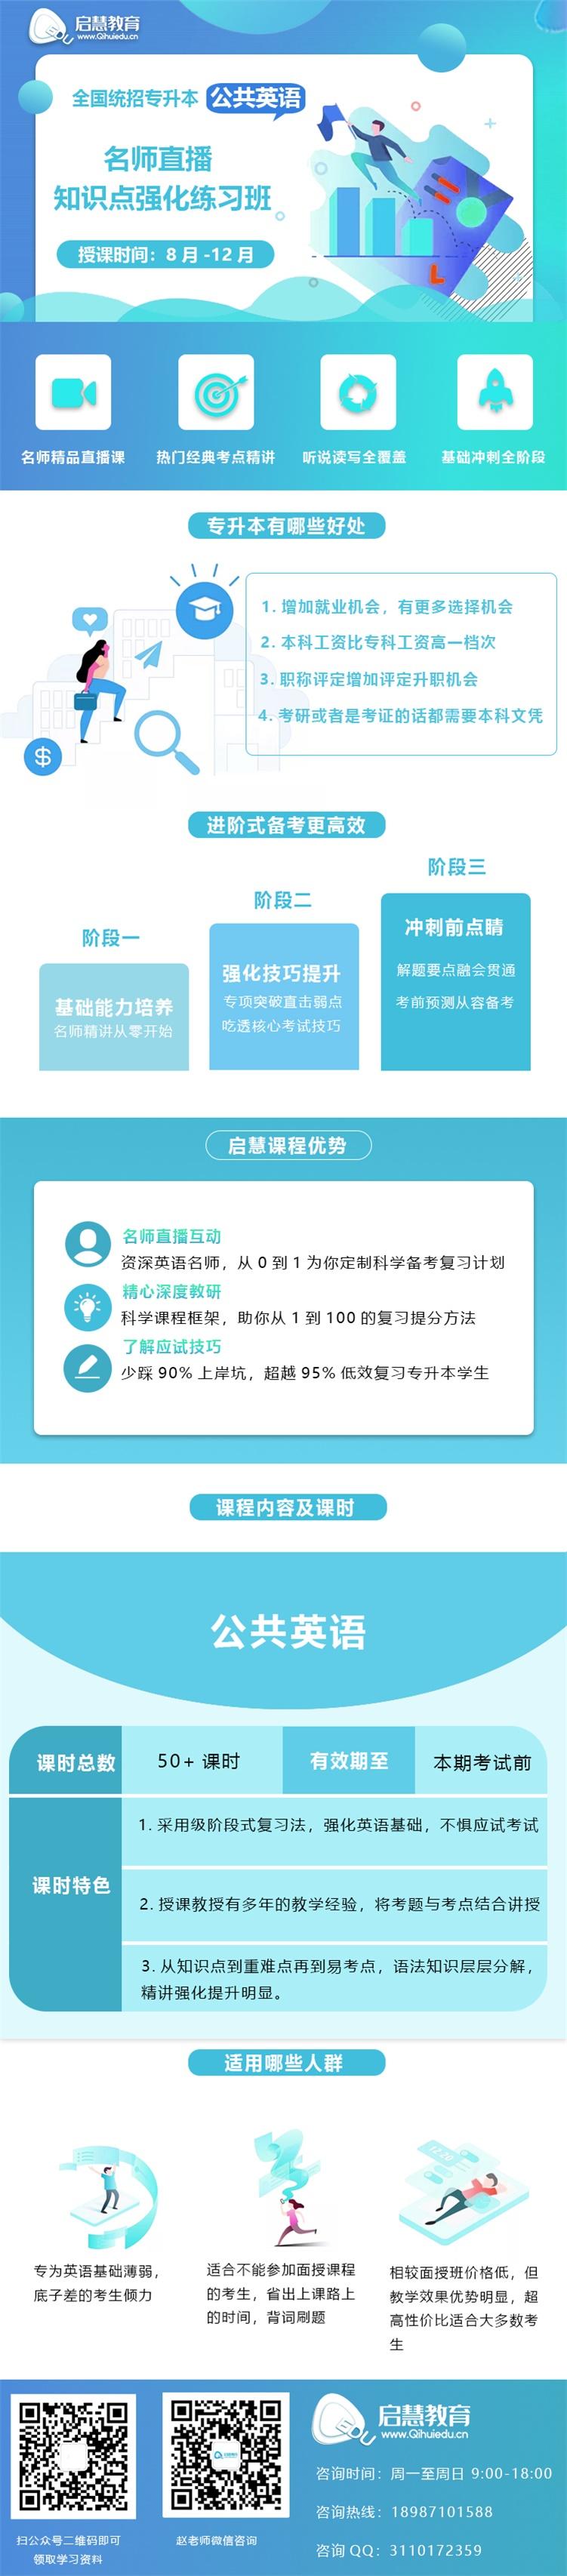 2021年云南统招专升本《大学英语专项练习题一》